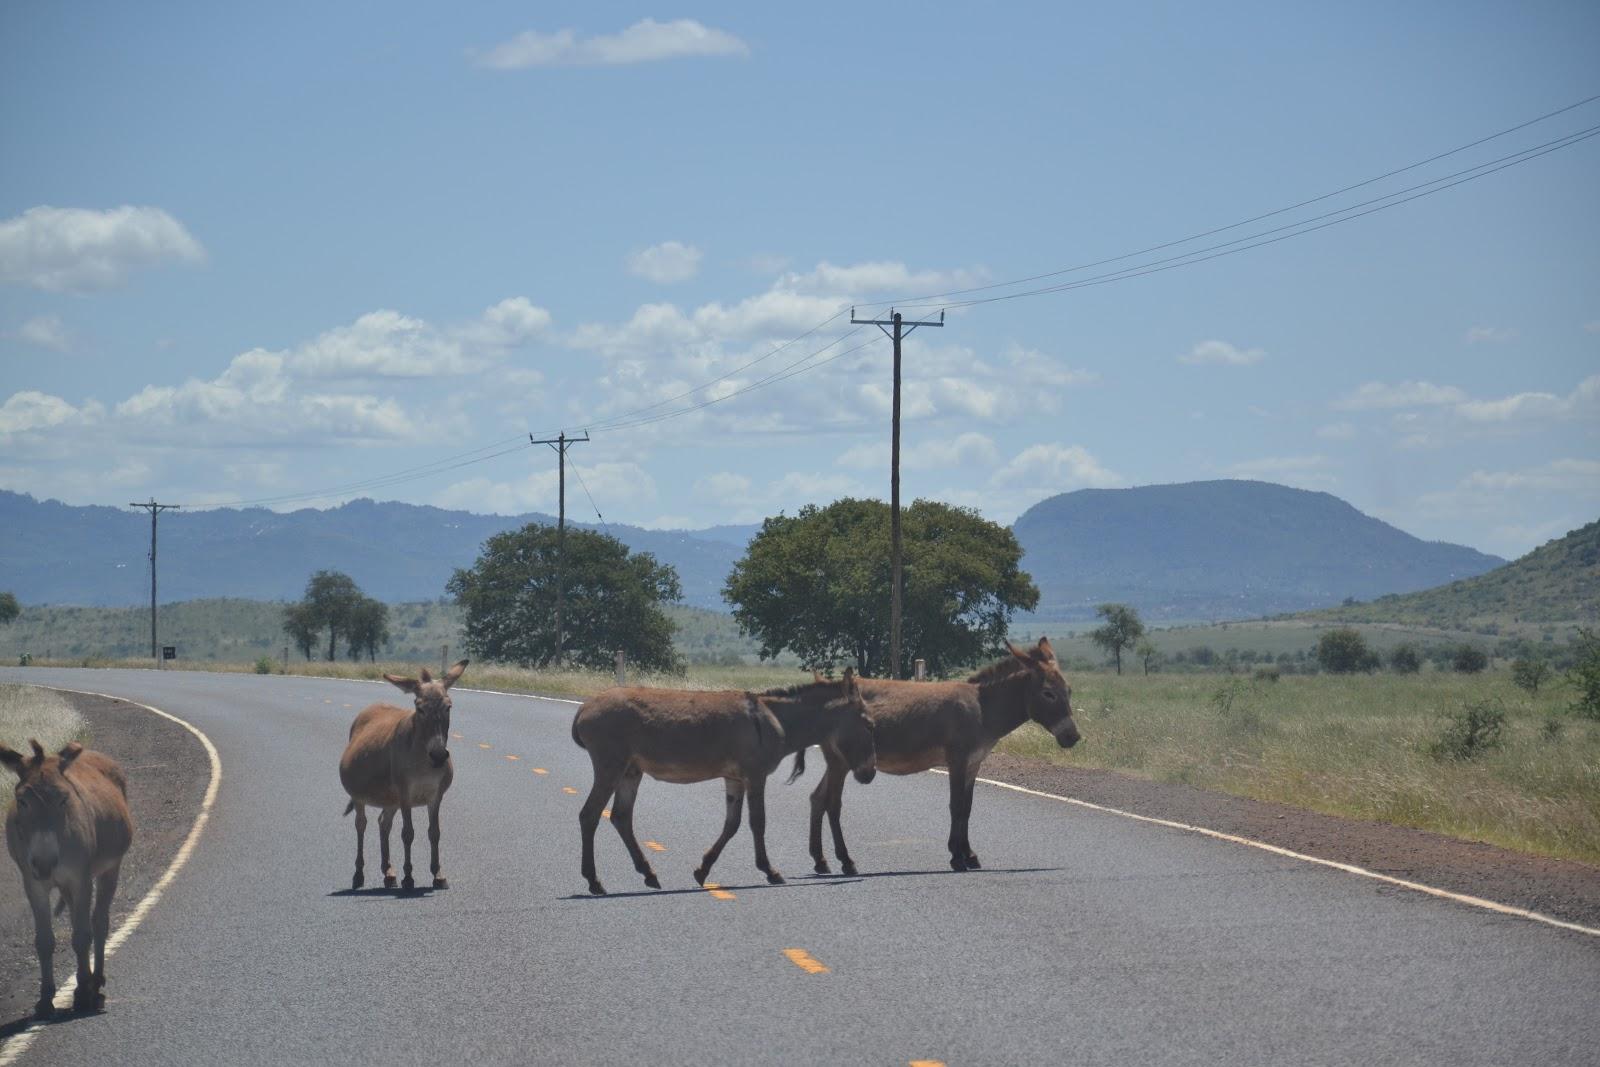 GIRAMONDO!: Cosas que pasan en las carreteras de Africa